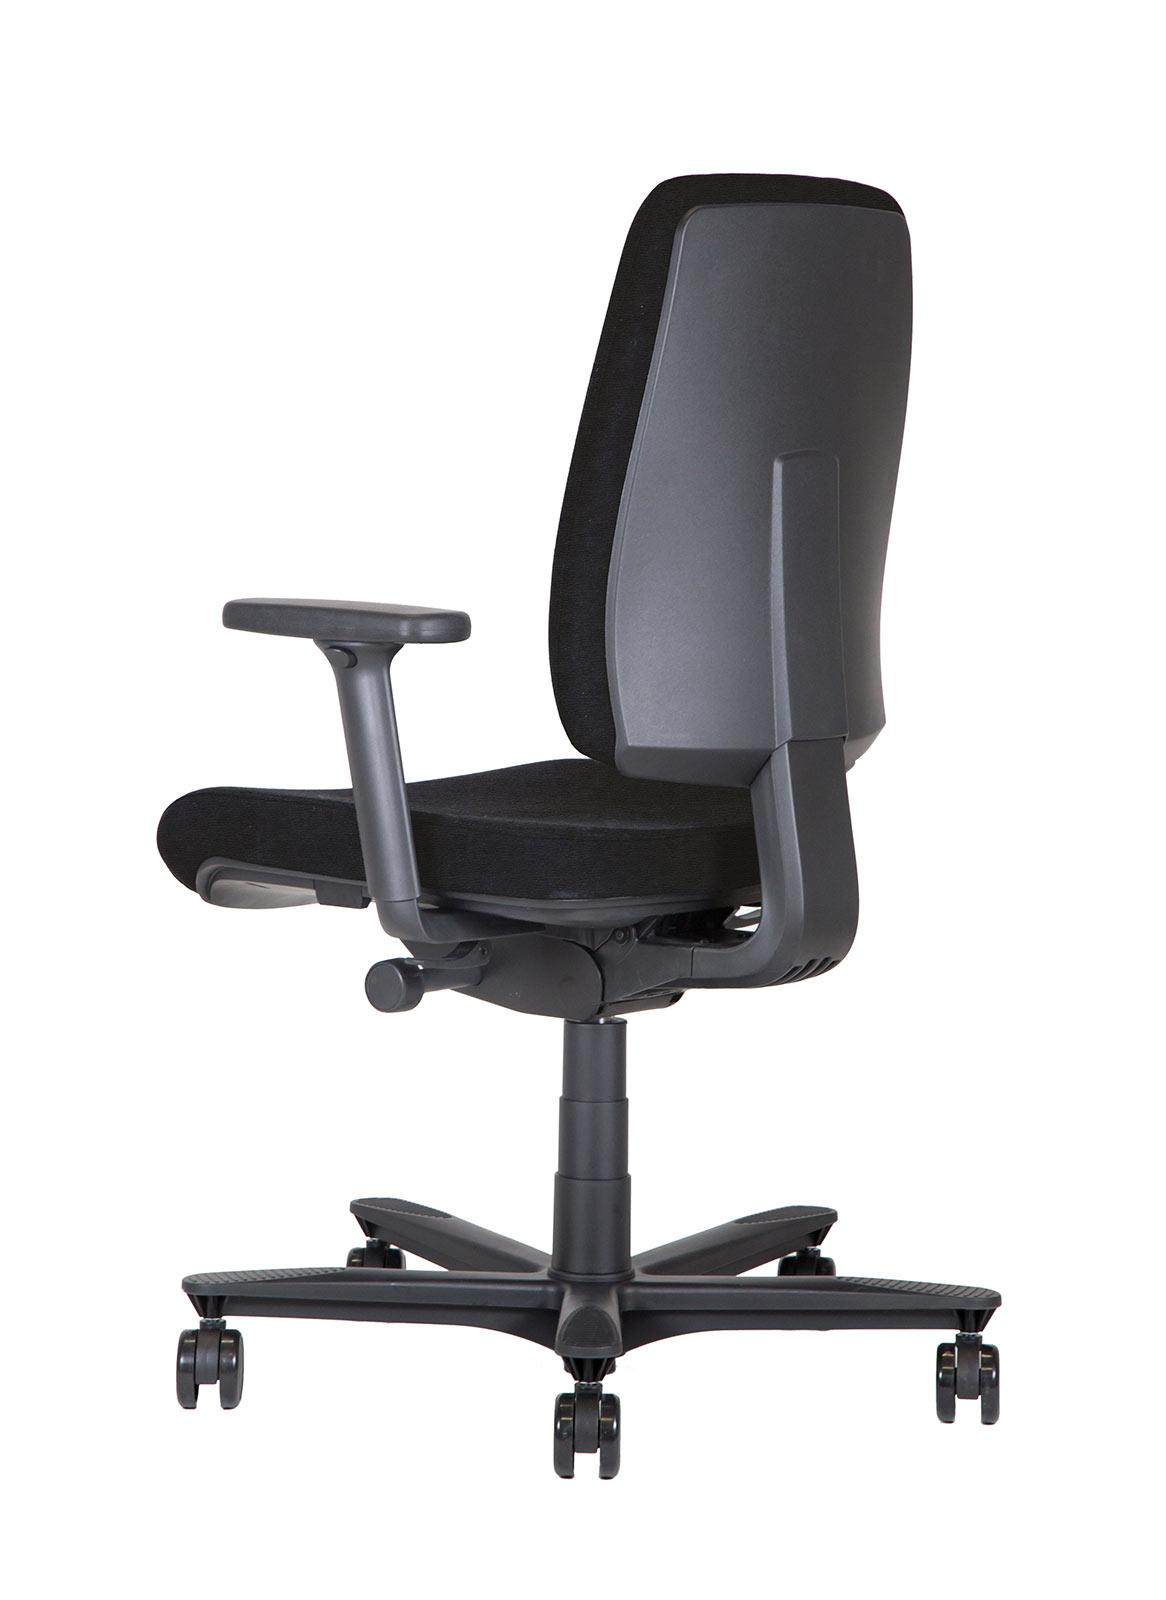 Sedia ufficio ergonomica BB122